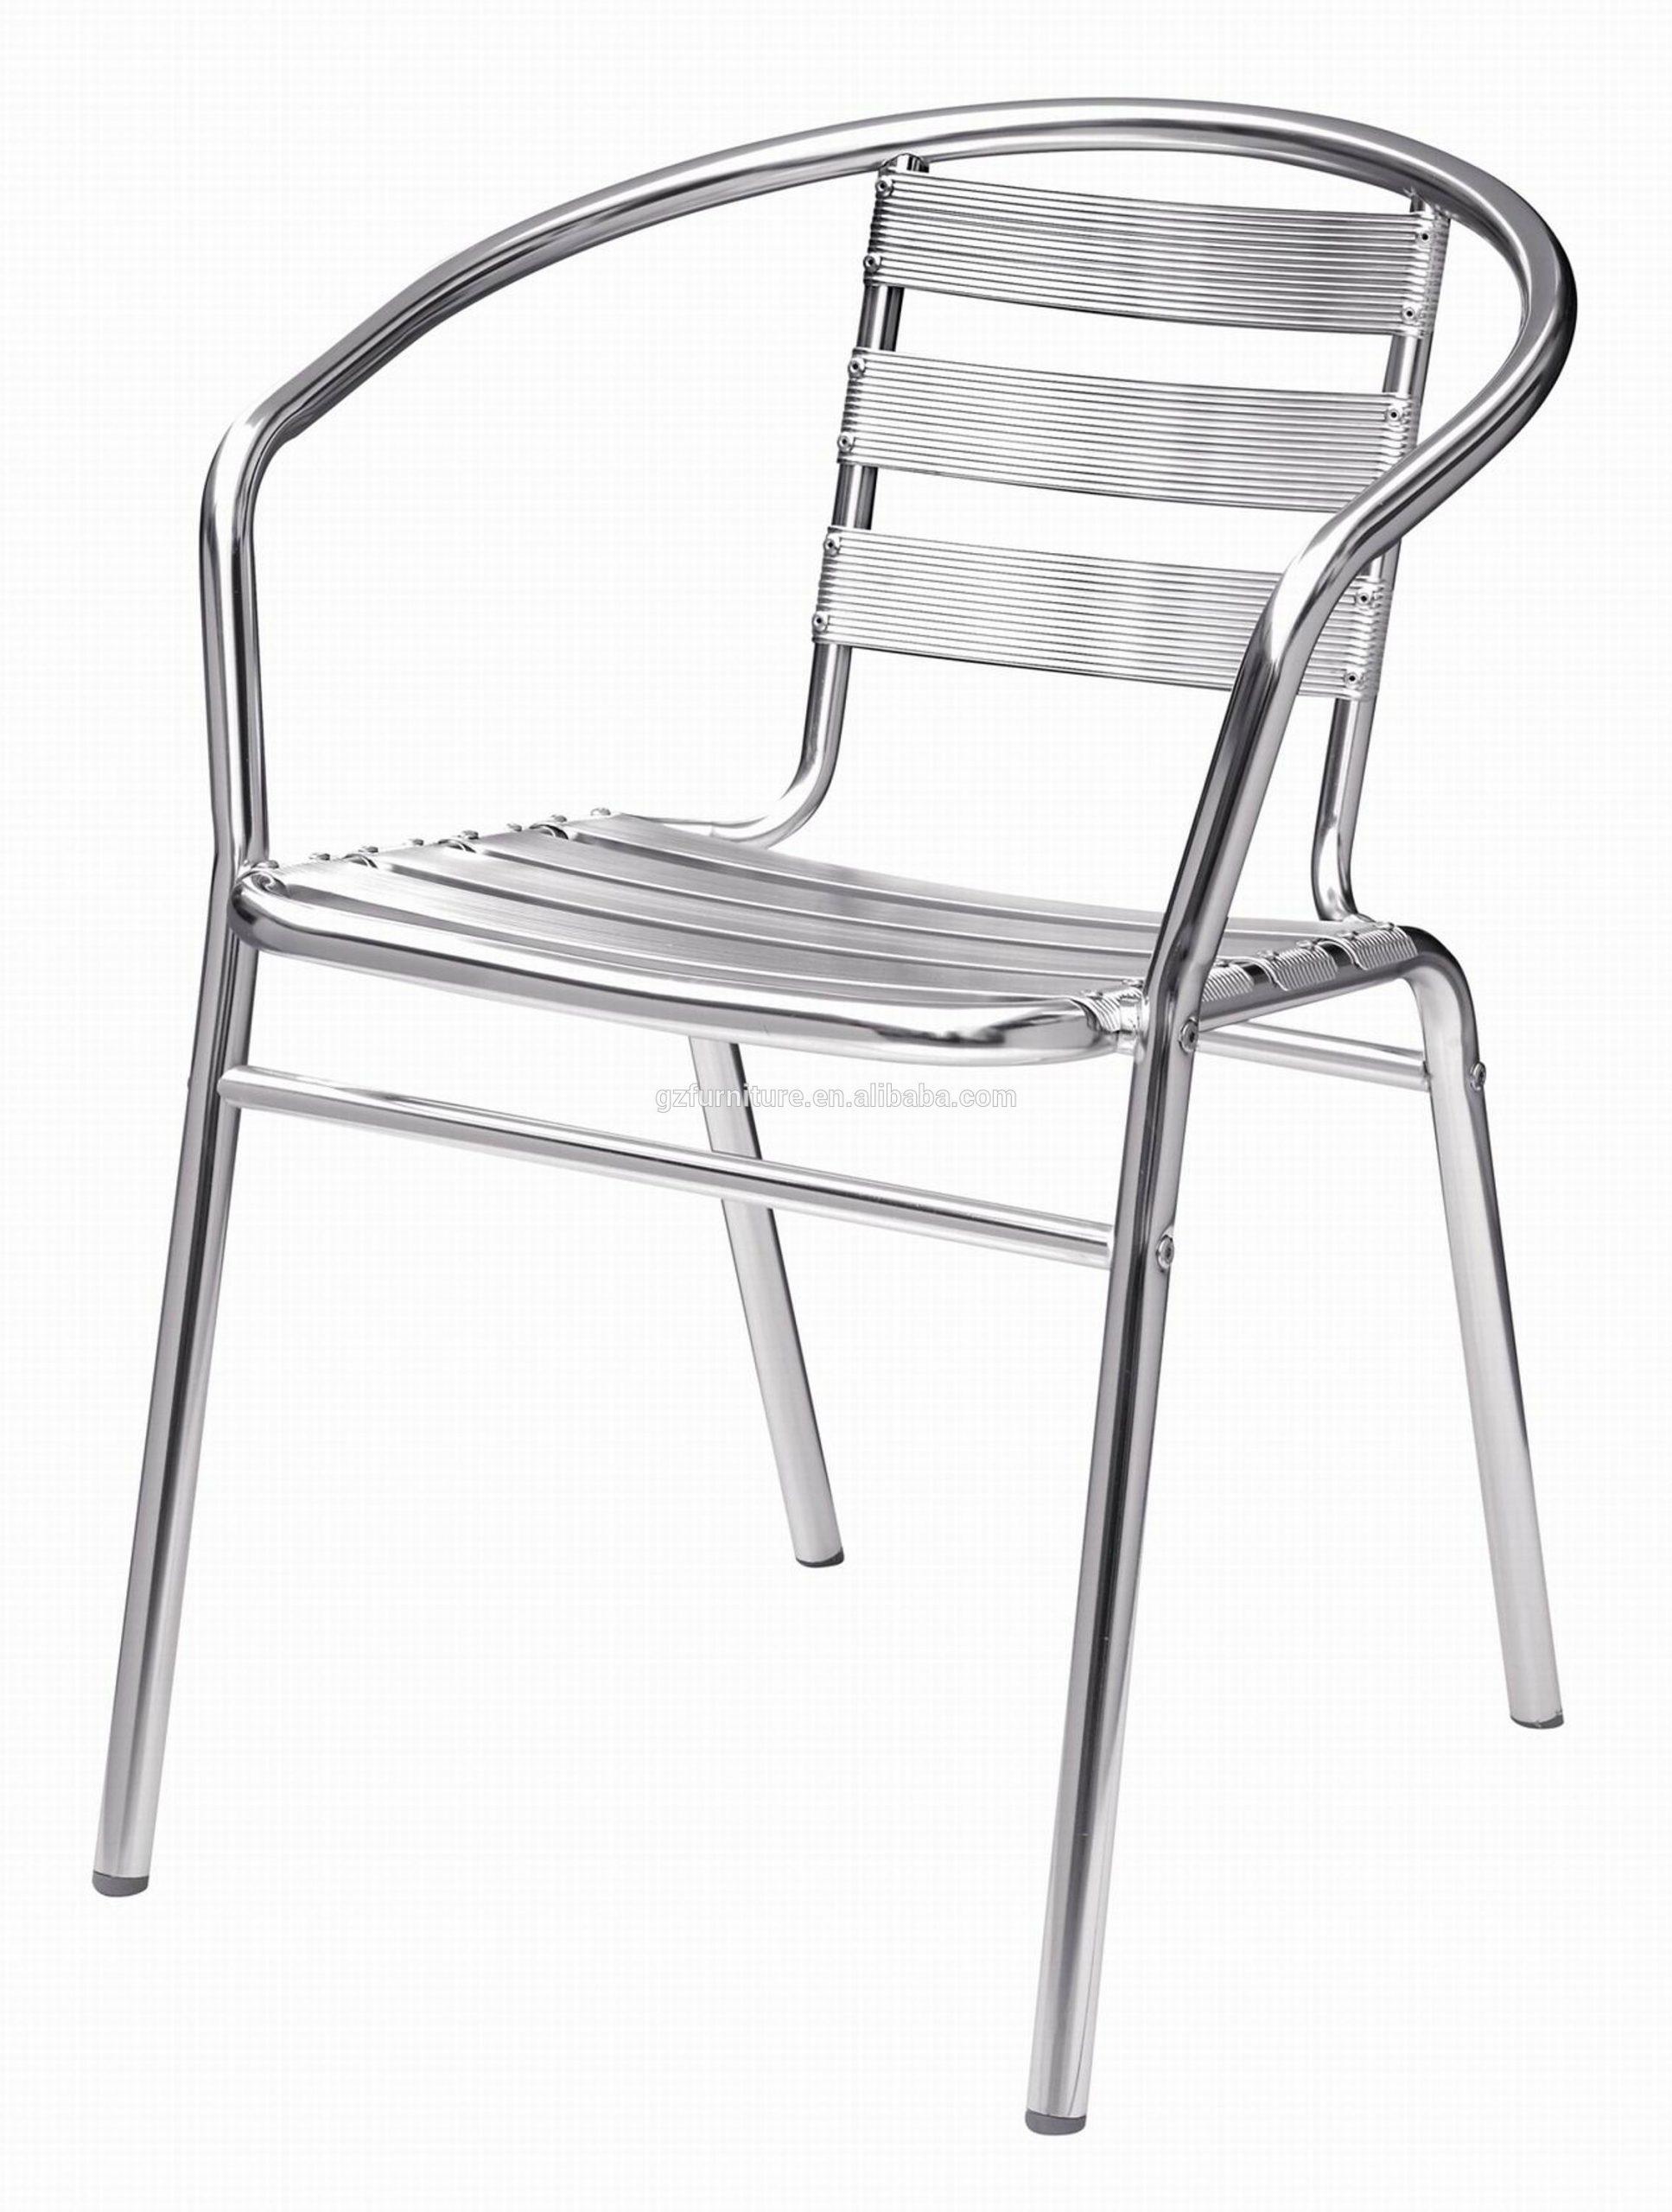 En Aluminium Chromé Bistro Patio Jardin Bar Terrasse Barbecue En Métal  Chaise Forte - Buy Chaise En Aluminium,chaise De Bistrot,chaise Forte En  Métal ... serapportantà Chaise Bistrot Aluminium Jardin